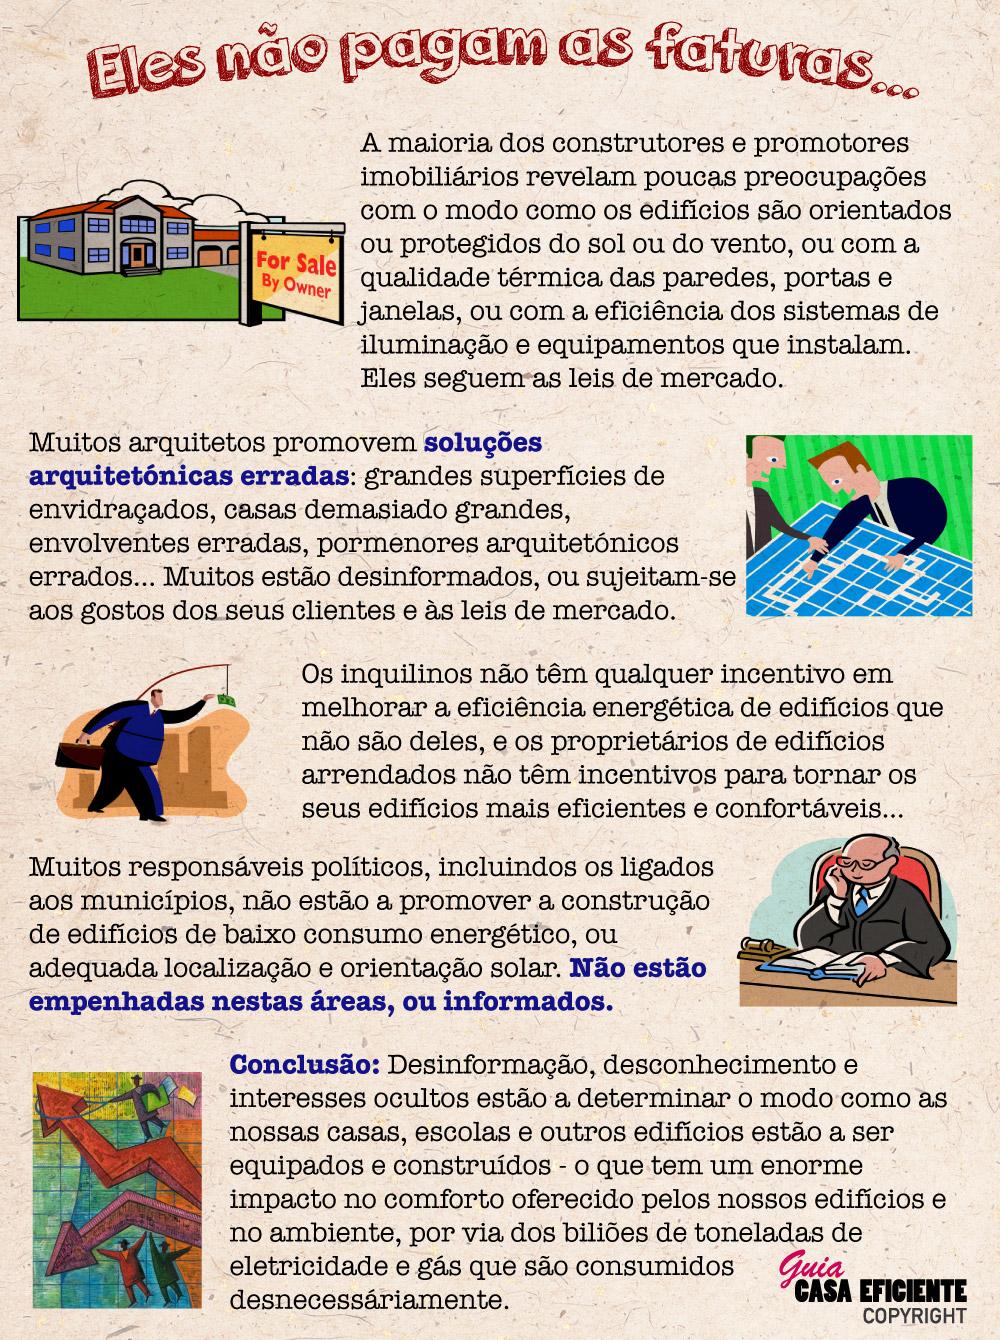 Faturas energéticas casas e edifícios